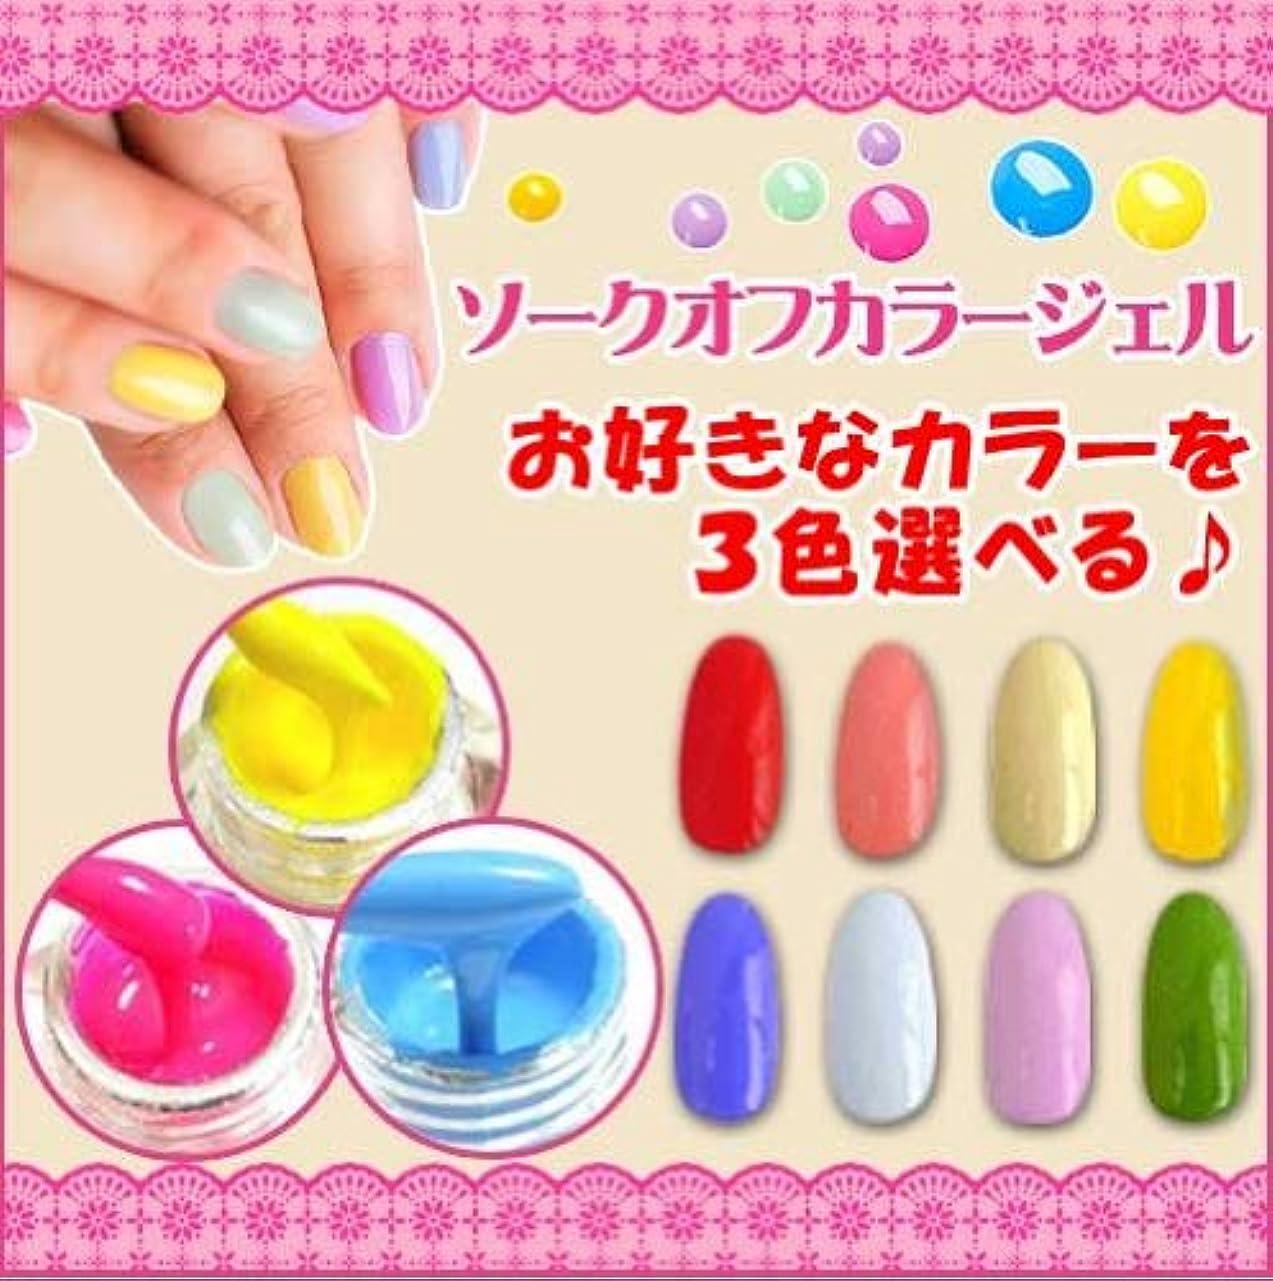 ミネラルポンペイ割る【好きなカラーが選べる?】カラージェル3色セット☆発色抜群